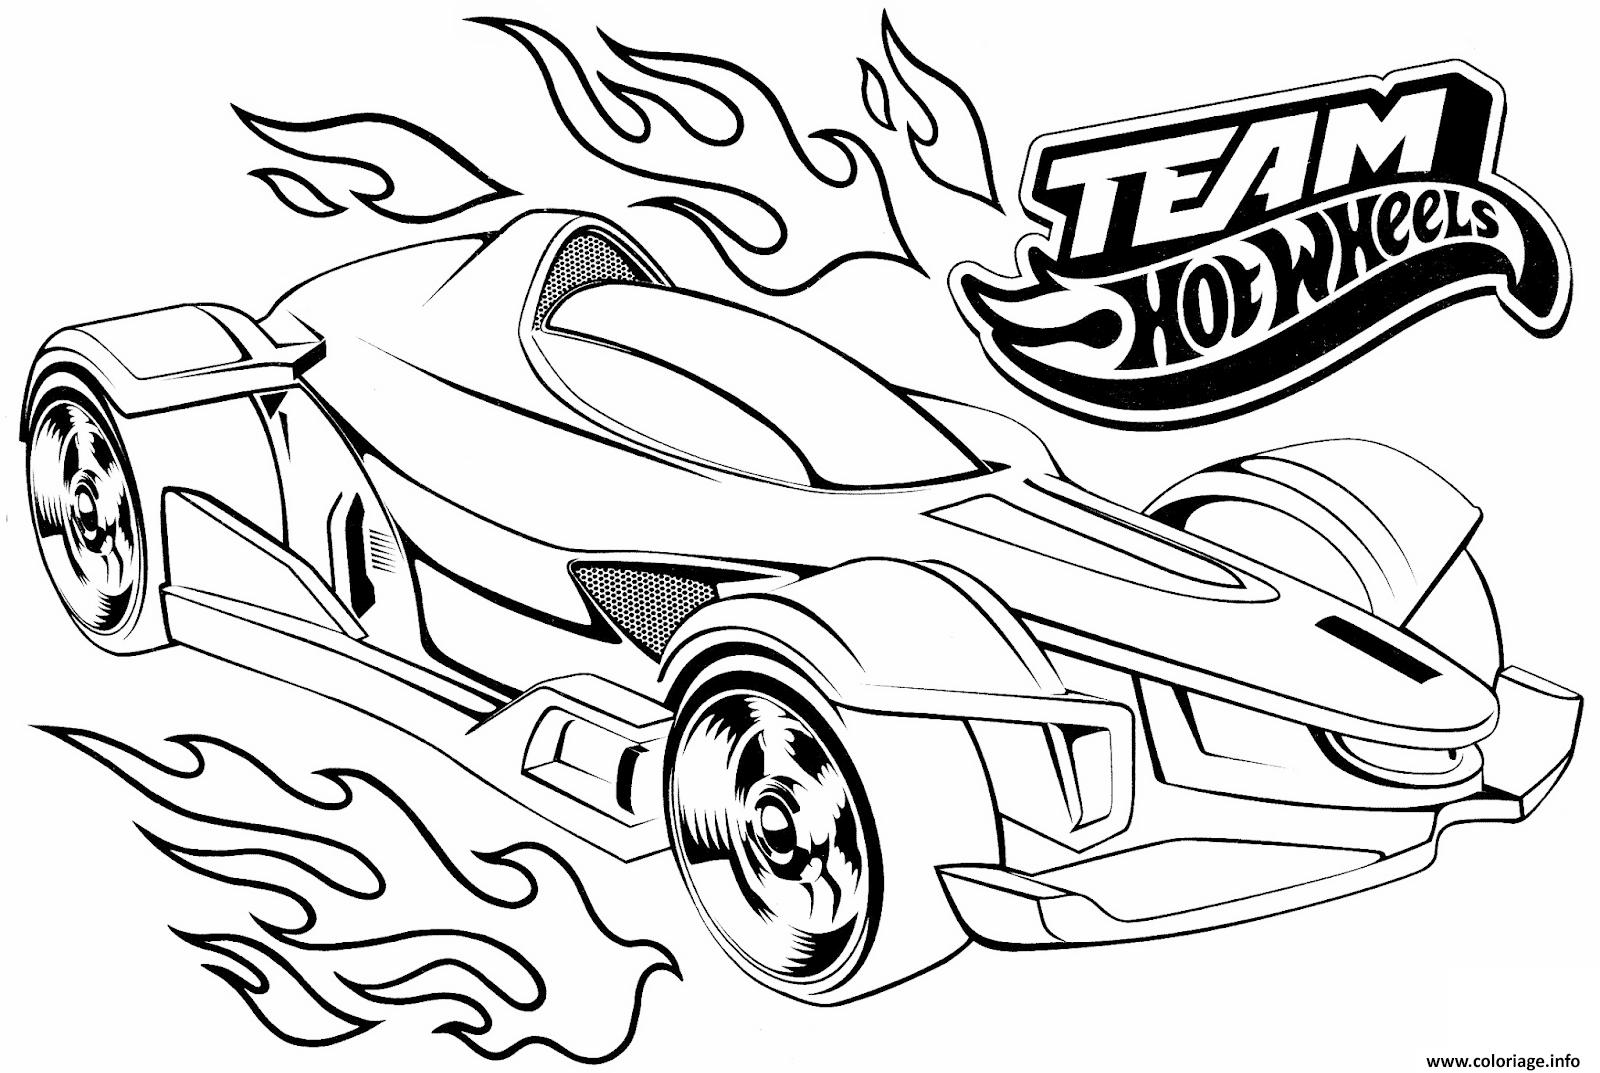 Dessin team hot wheels Coloriage Gratuit à Imprimer